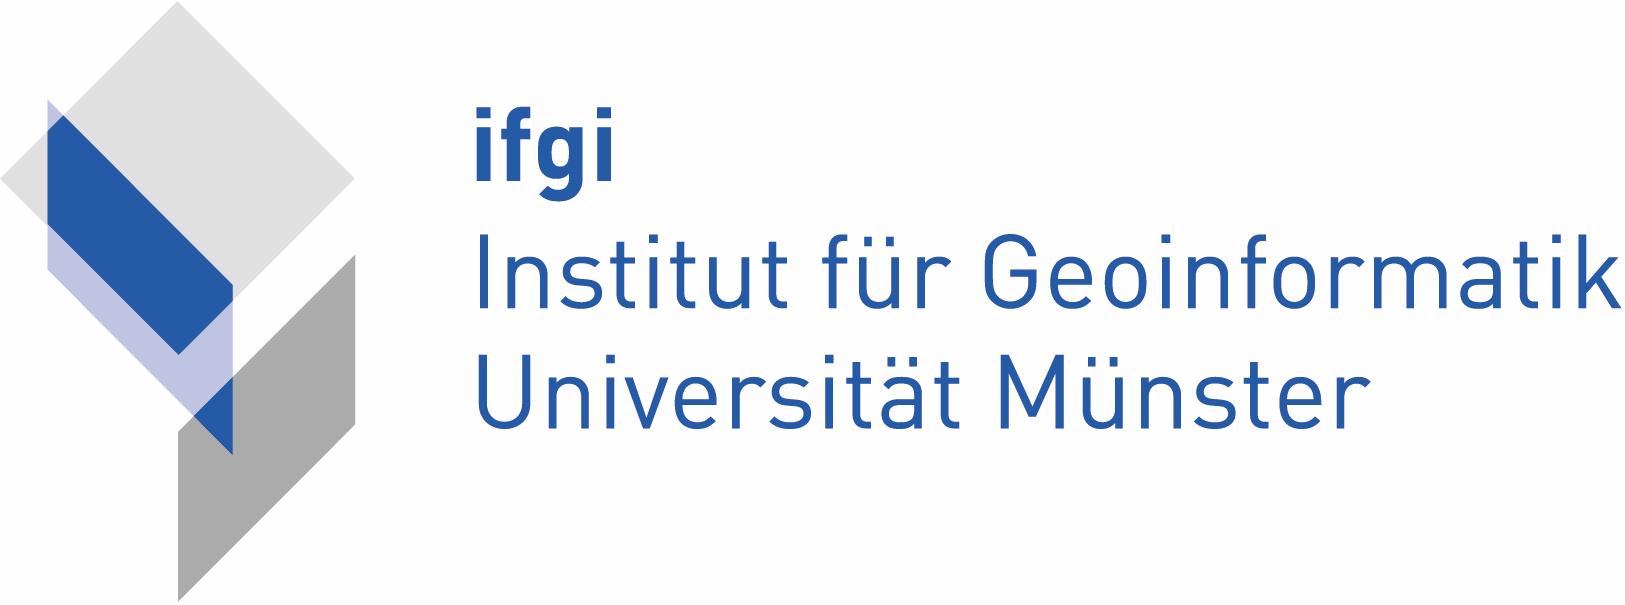 Institut für Geoinformatik